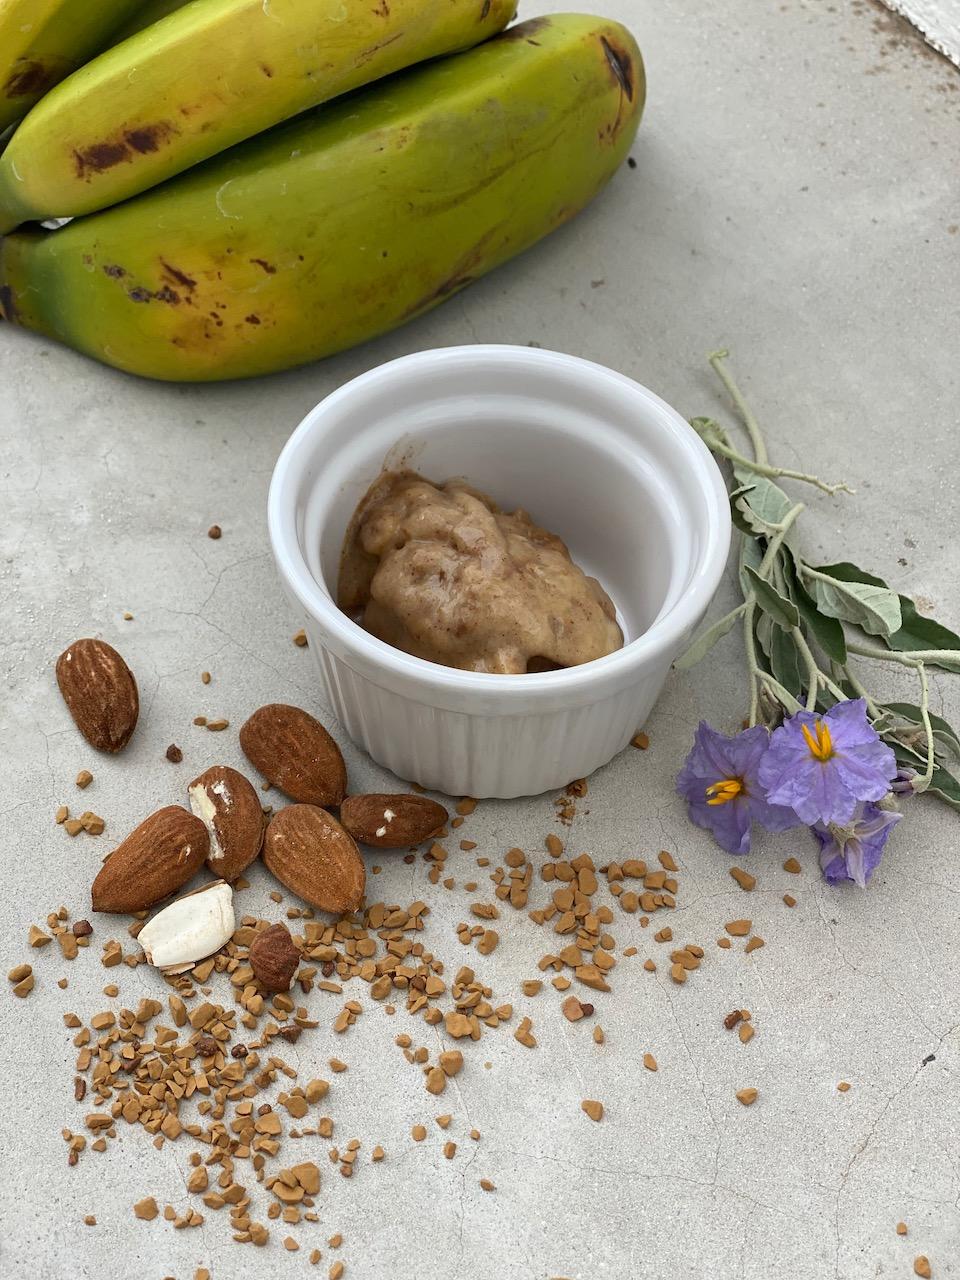 παγωτό σε μπωλάκι με αμύγδαλα και μπανάνα στο πλάι